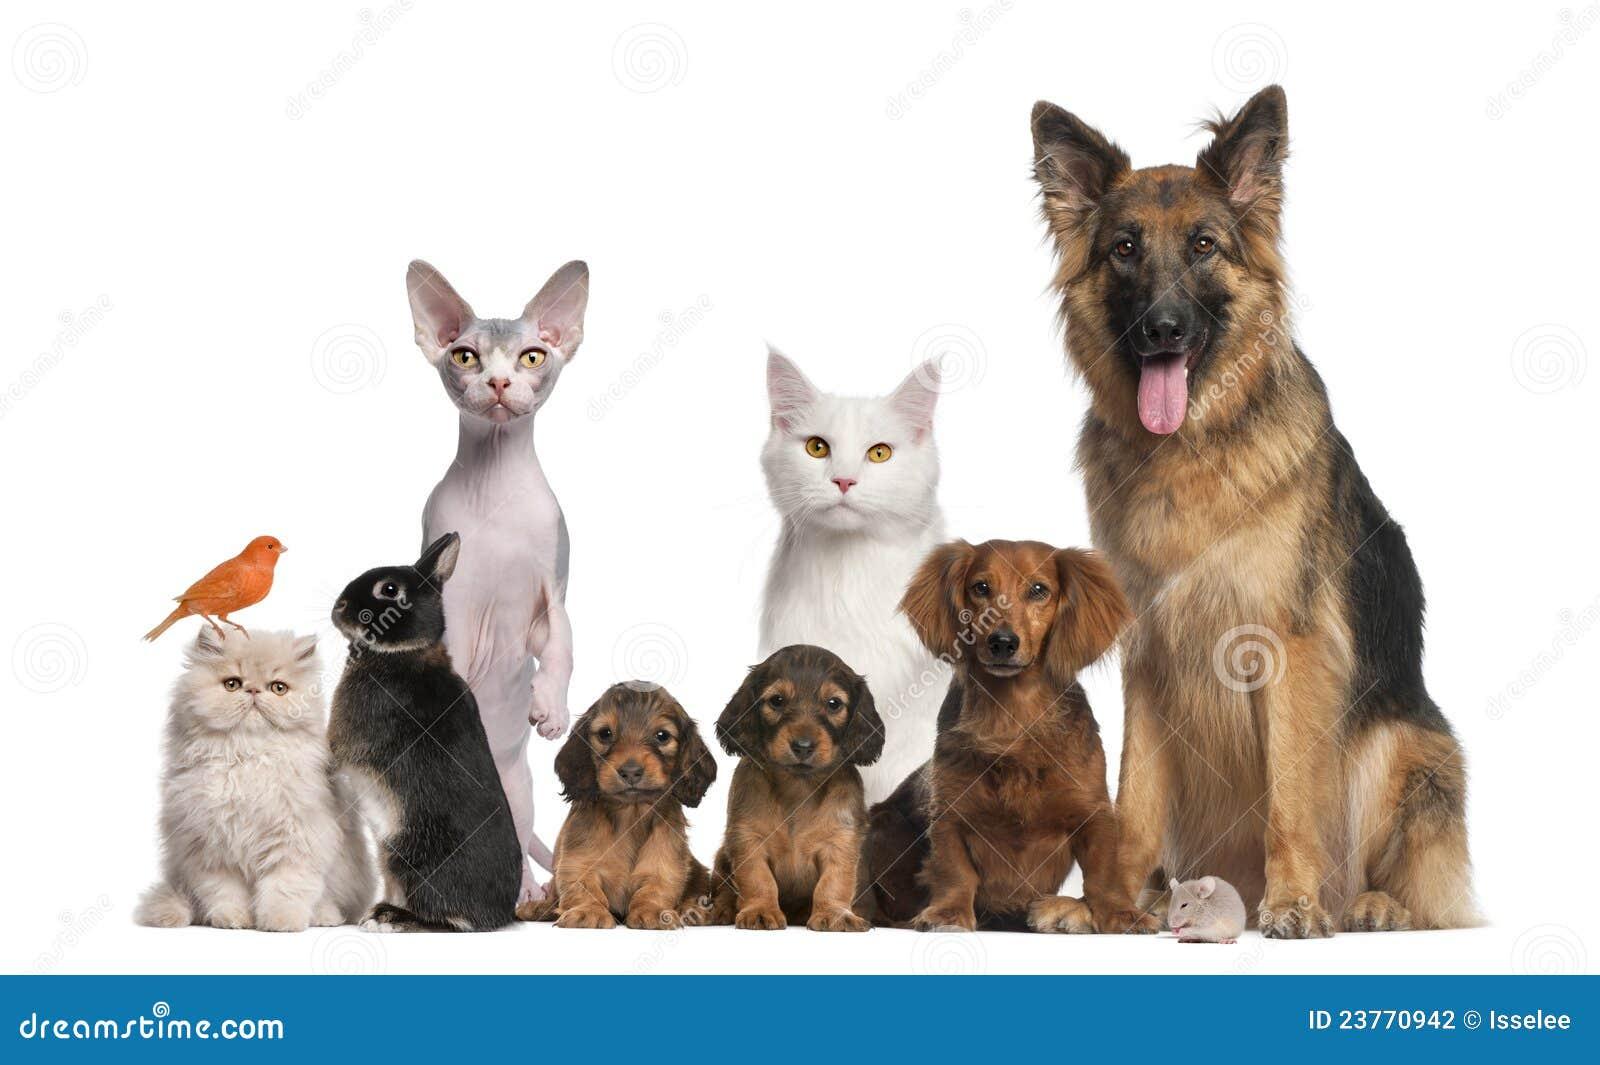 ομαδοποιήστε τα κατοικίδια ζώα